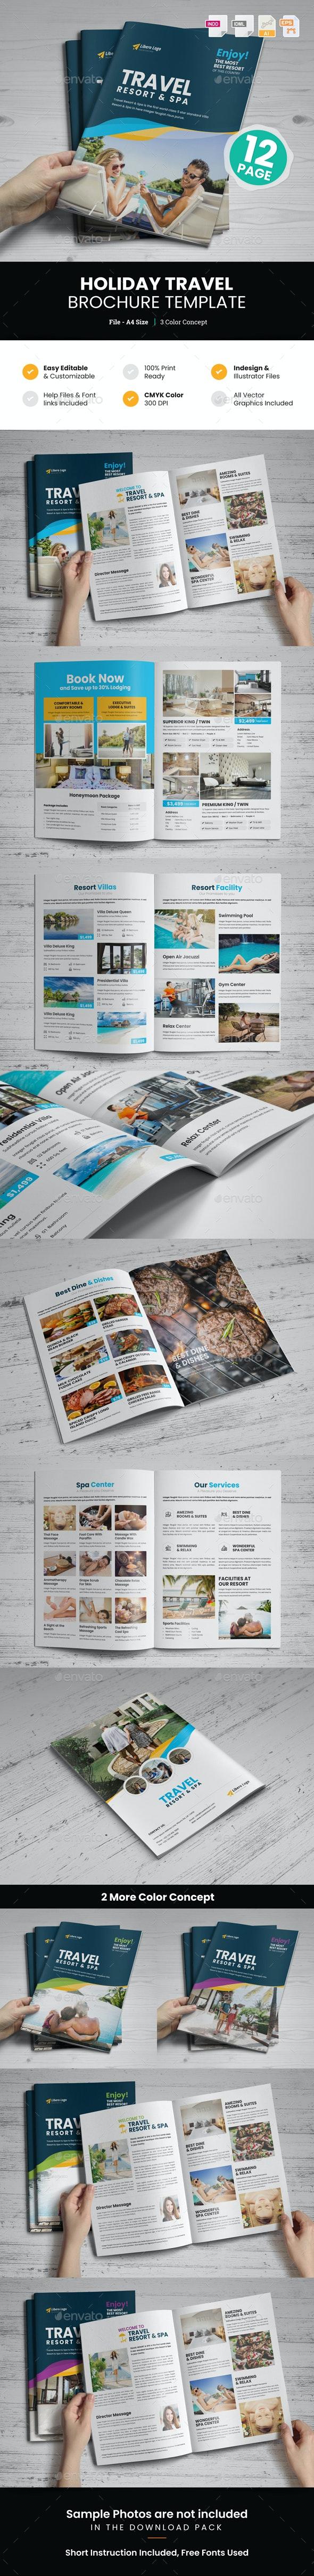 Holiday Travel Brochure Design v6 - Corporate Brochures